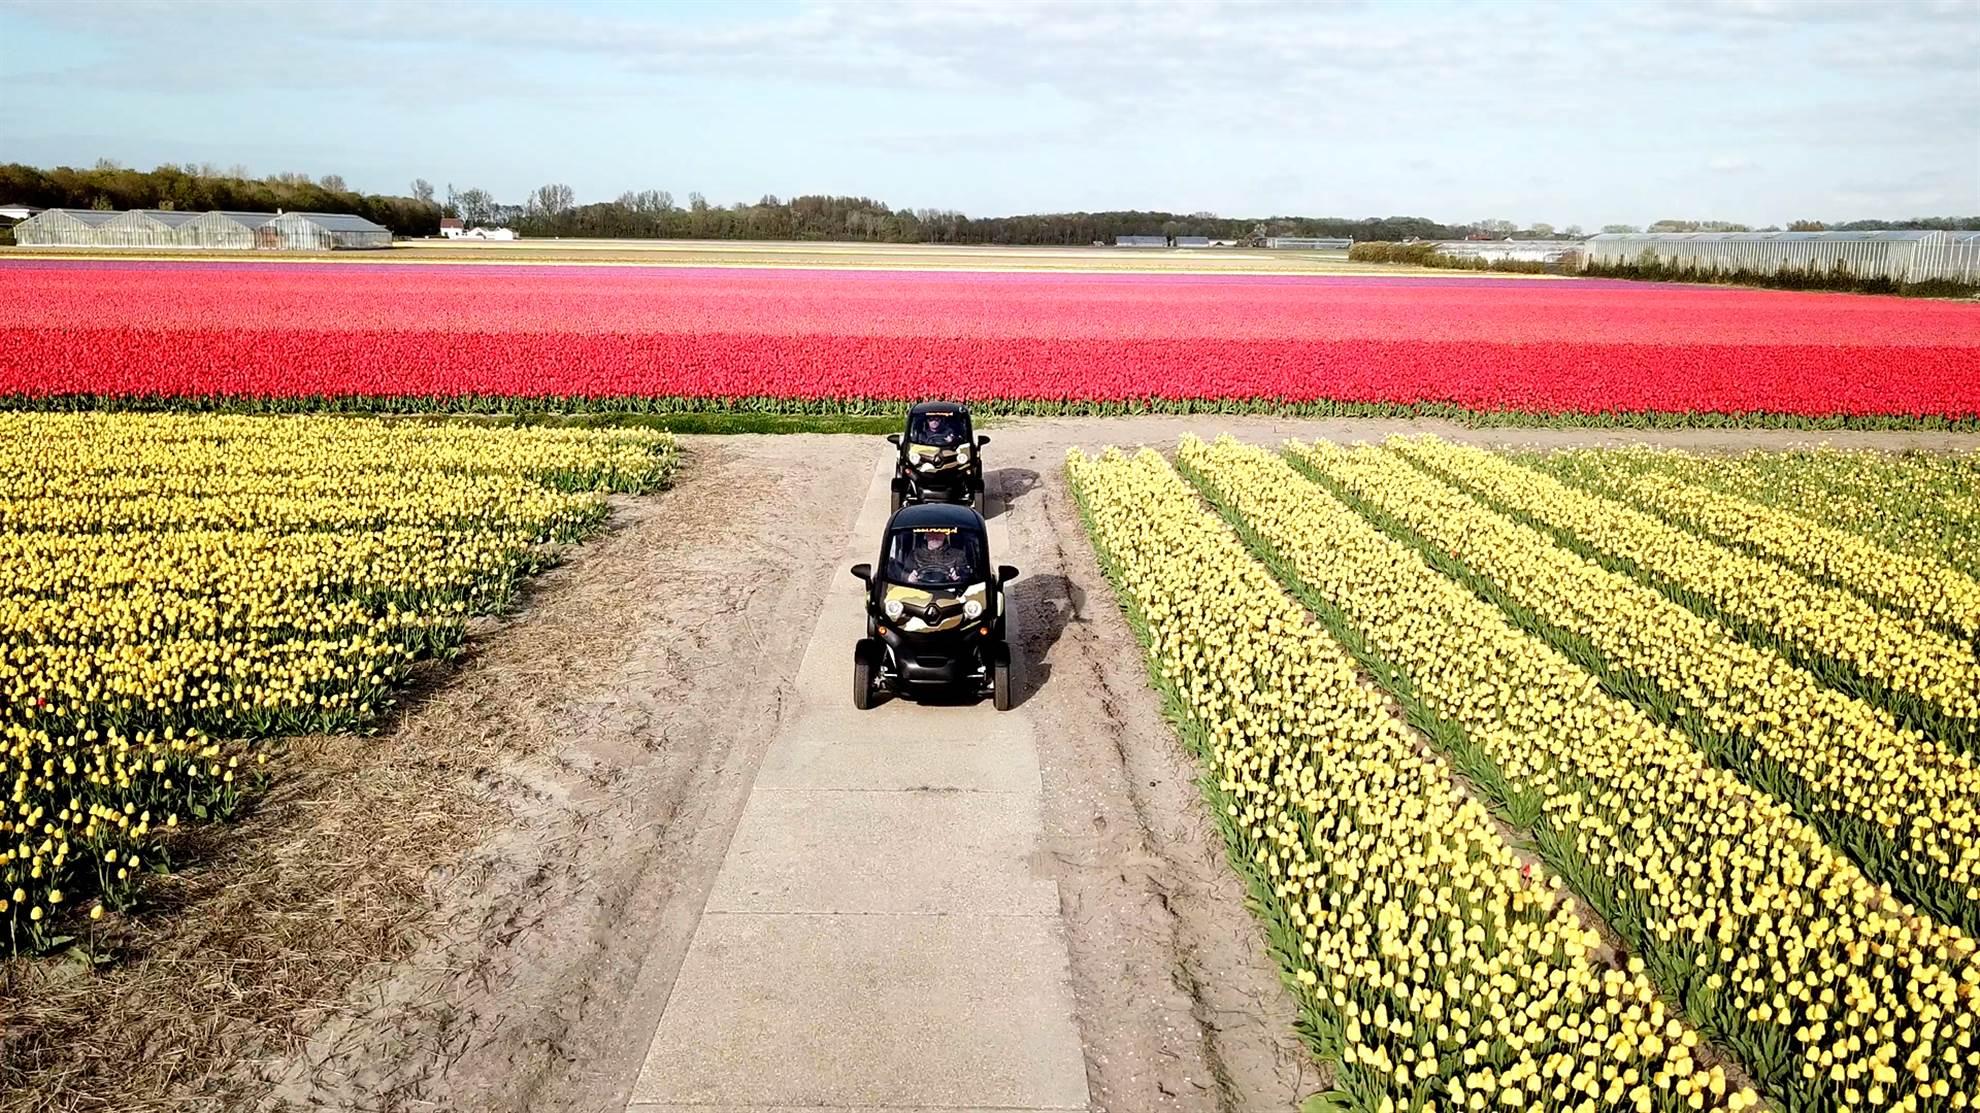 Experiência Flowerfield com Veículo Elétrico